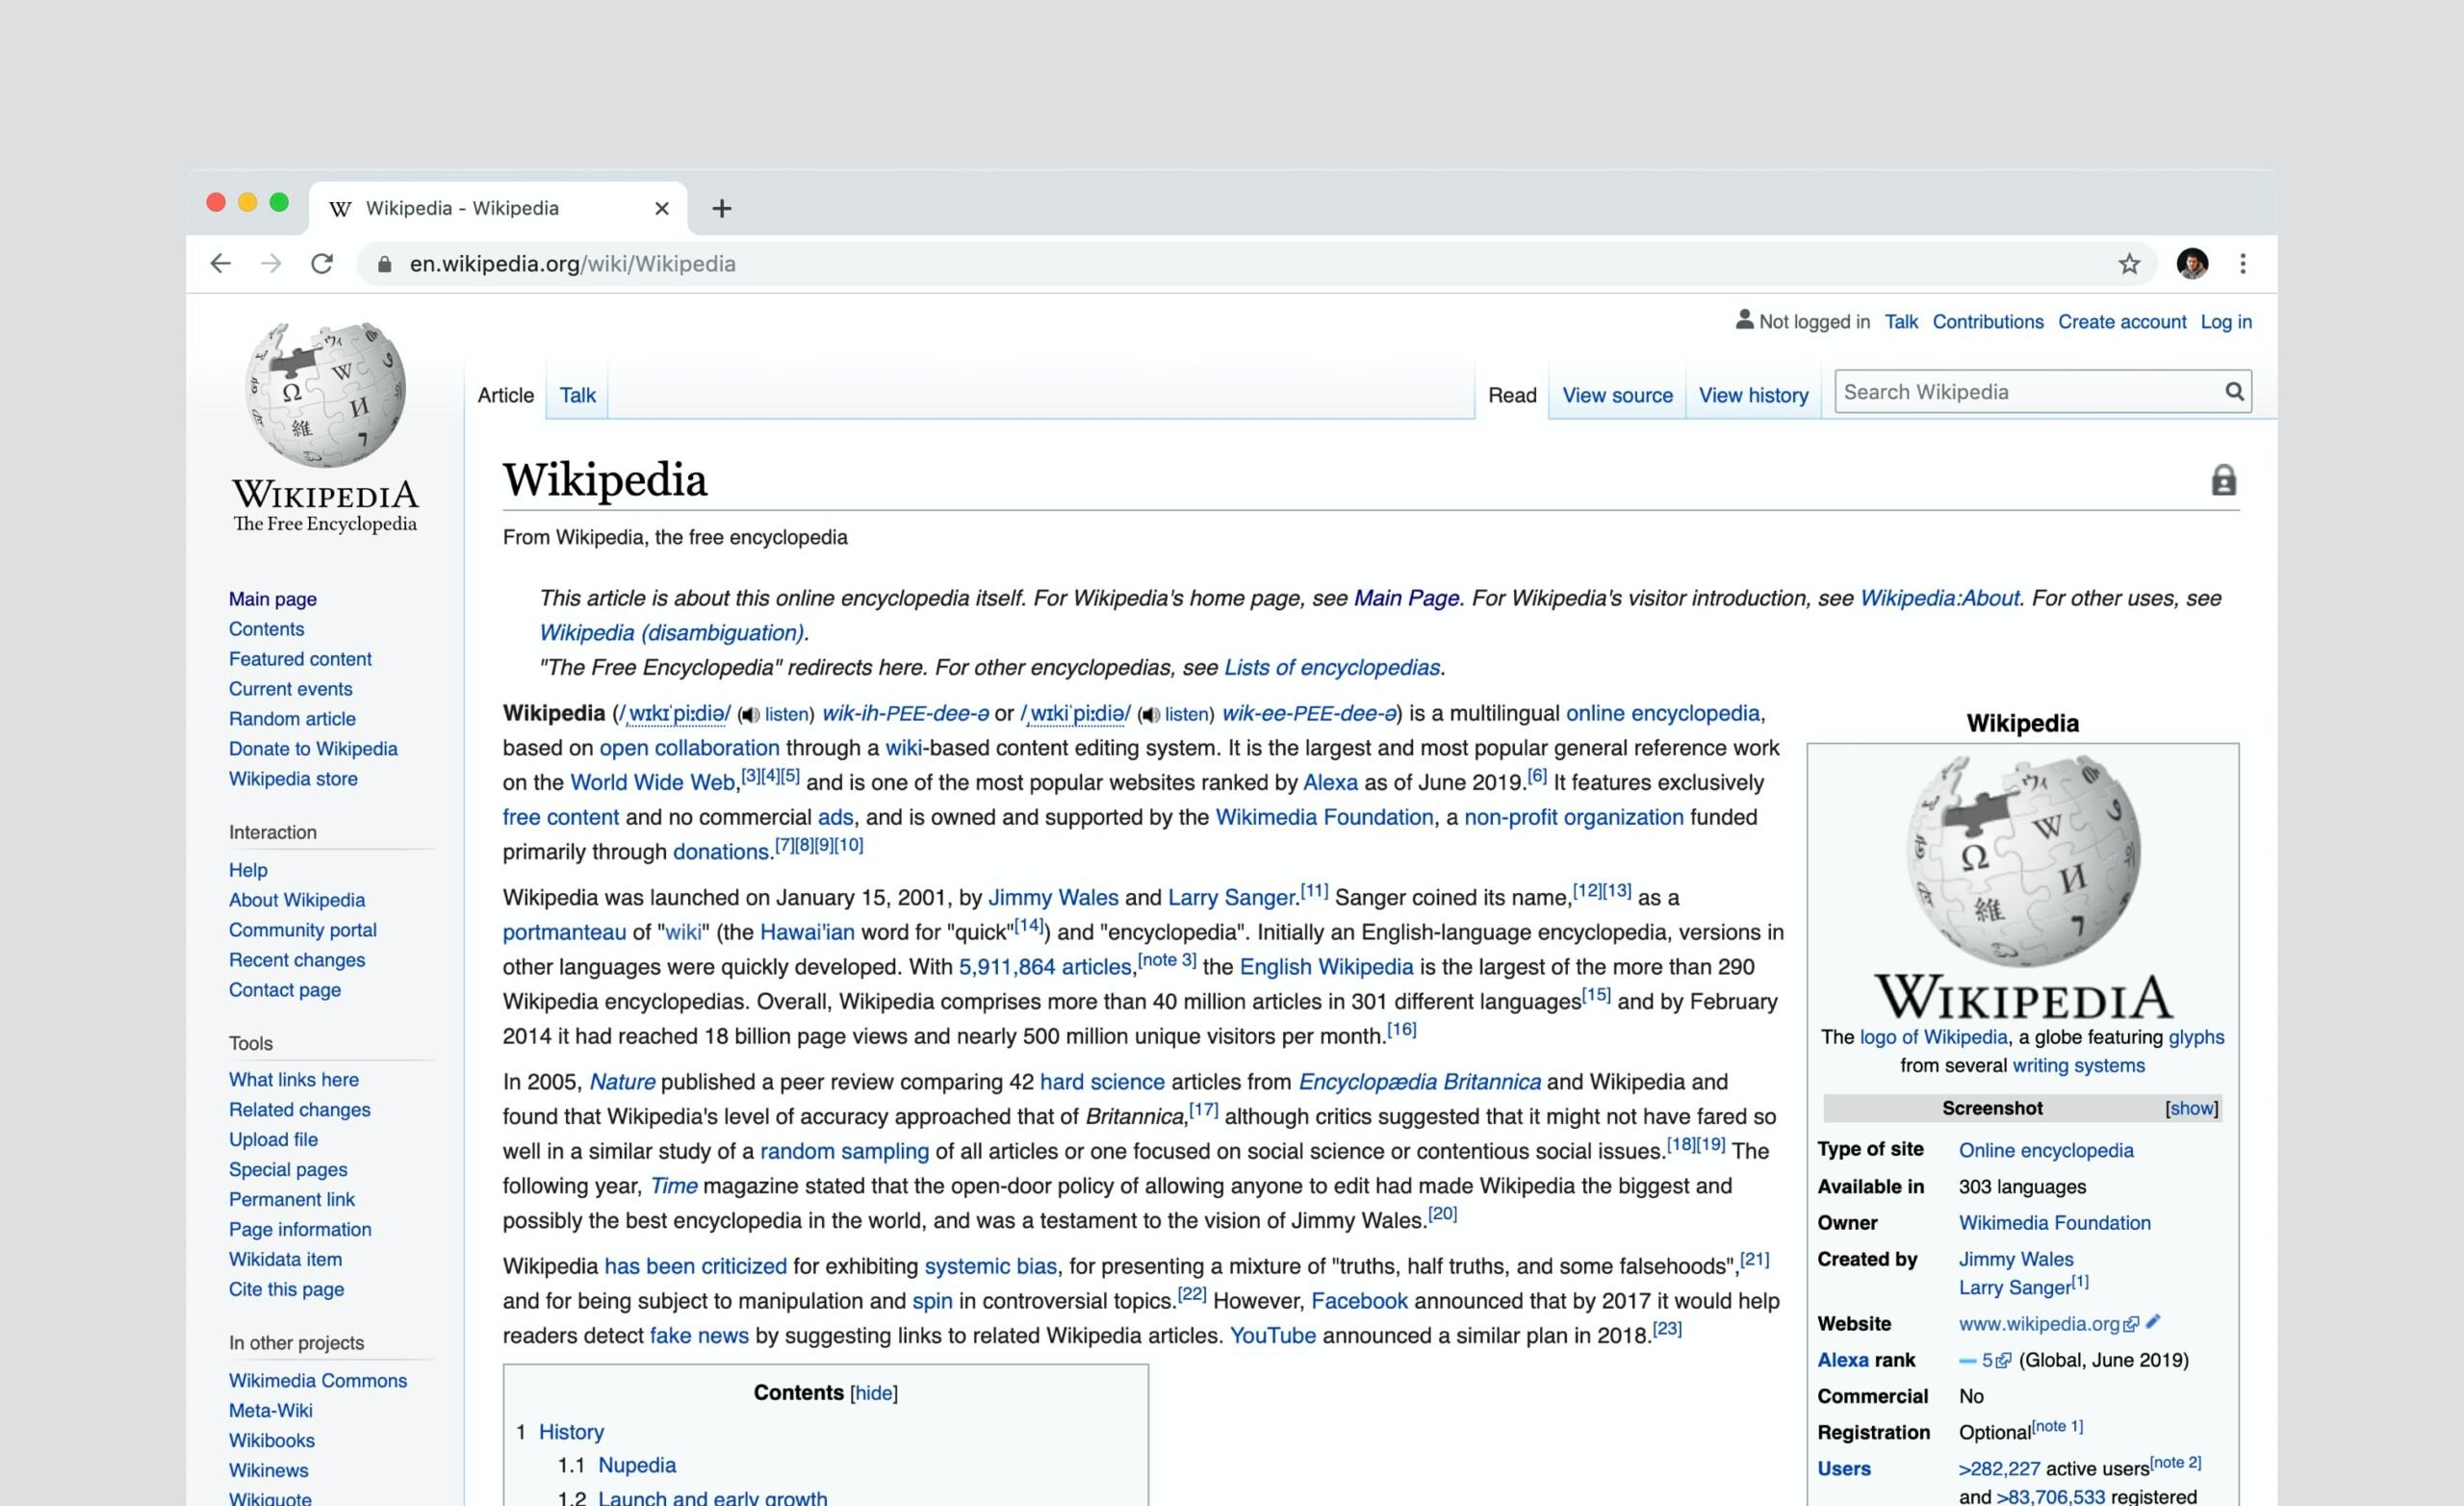 Wikipedia veut faire payer Apple, Google et Facebook pour l'utilisation de ses contenus